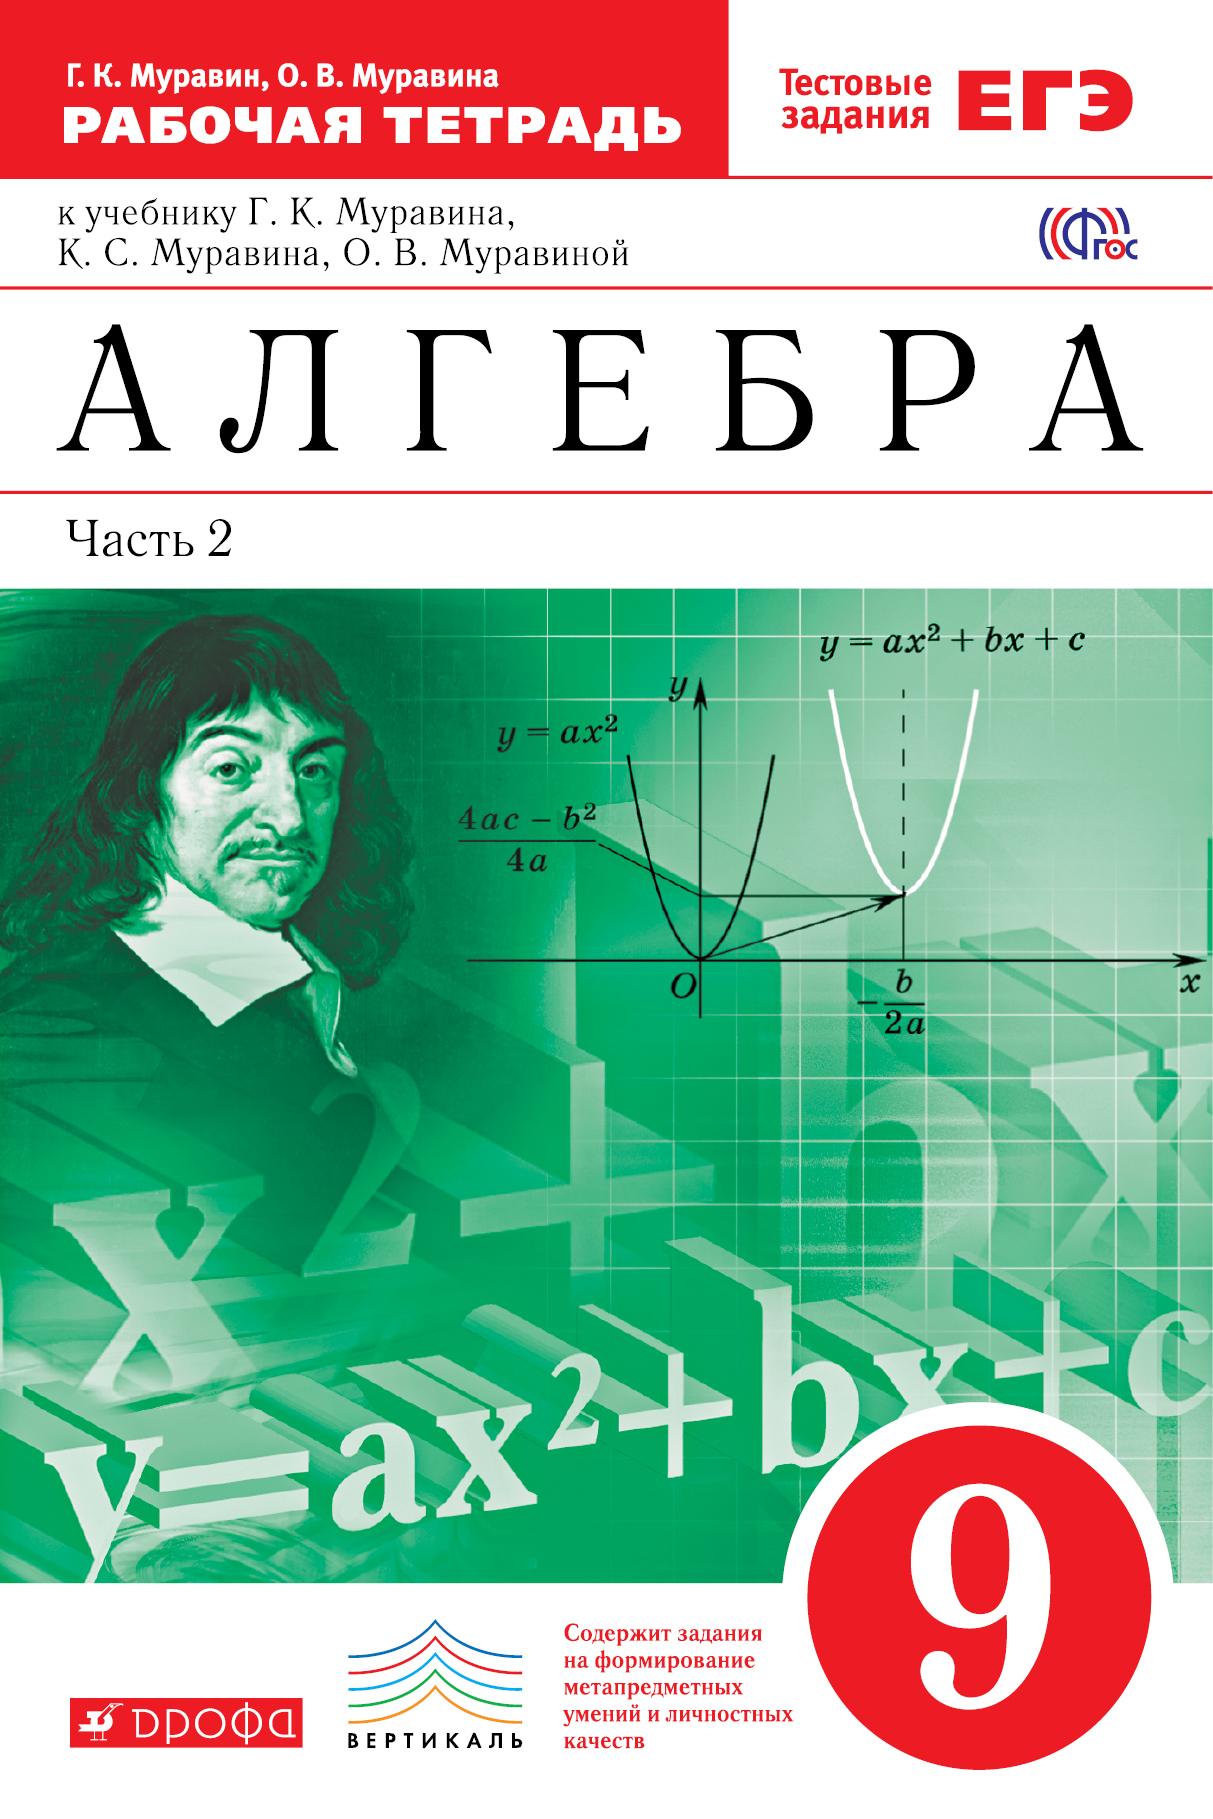 Алгебра . 9 класс. Рабочая тетрадь. В 2 ч. Ч. 2. Математика. 9 класс. Рабочая тетрадь. В частях. 2 часть.